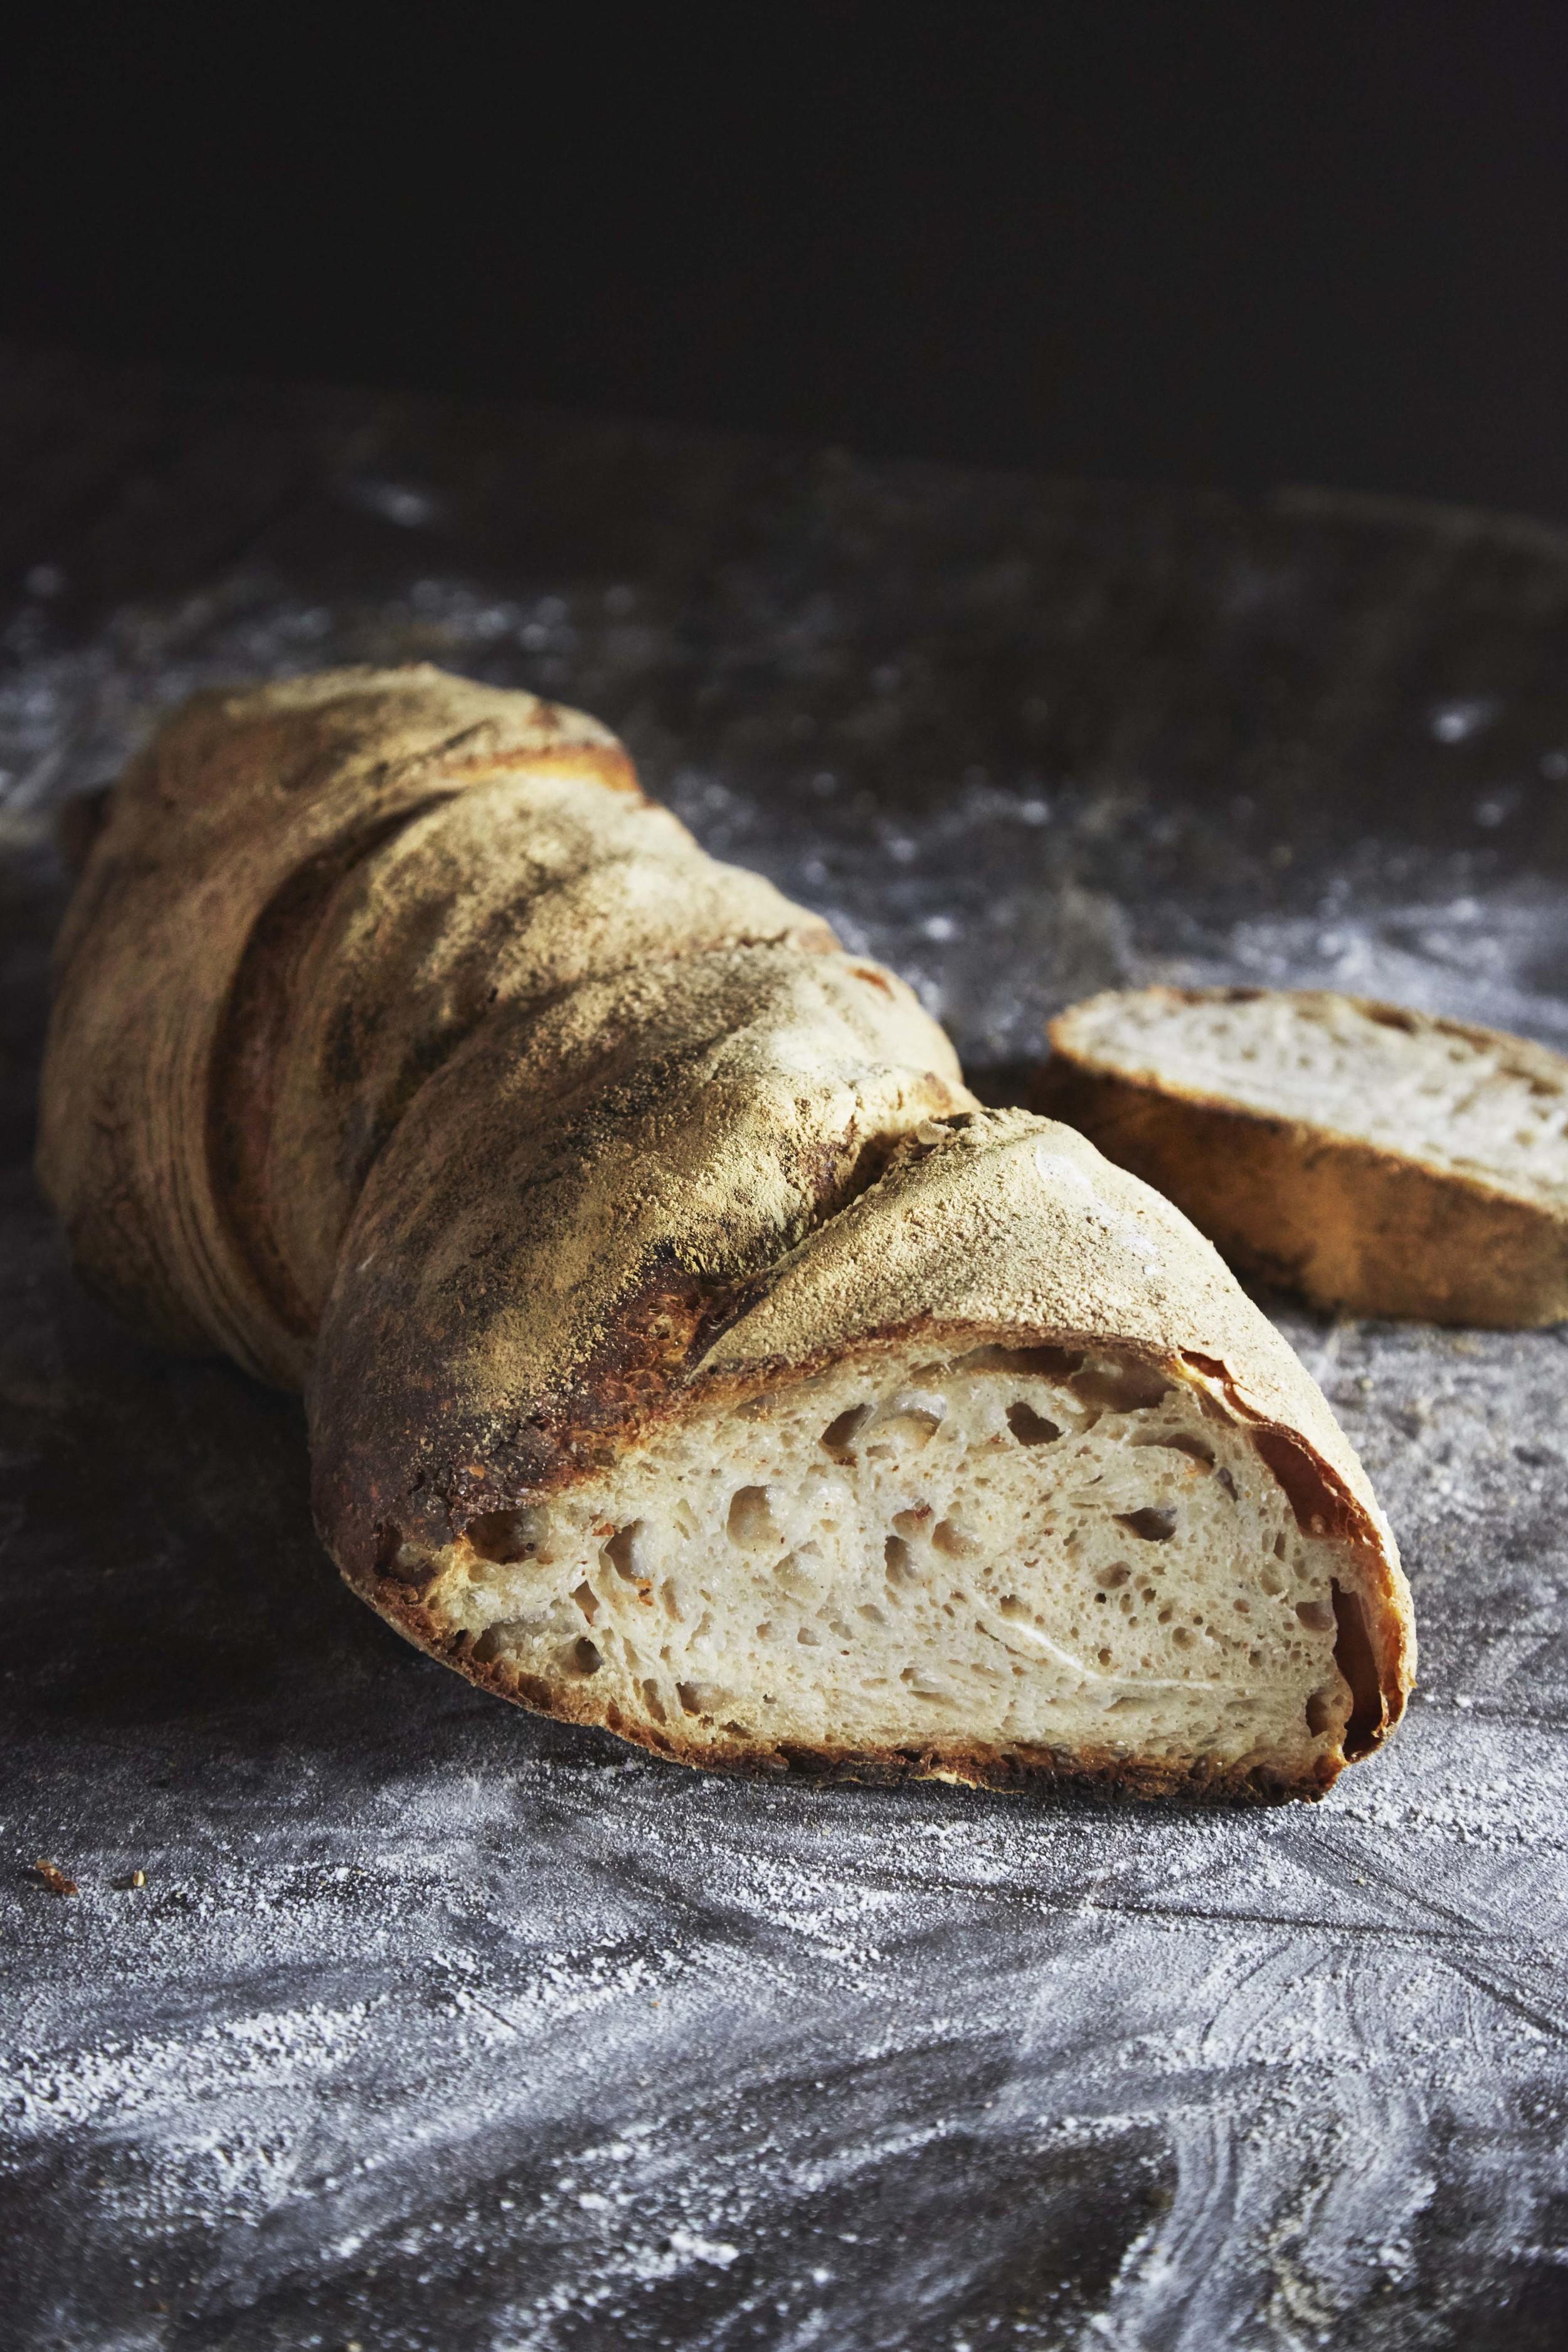 Fluffy bread from Handverk, editorial for Matmagasinet NORD.